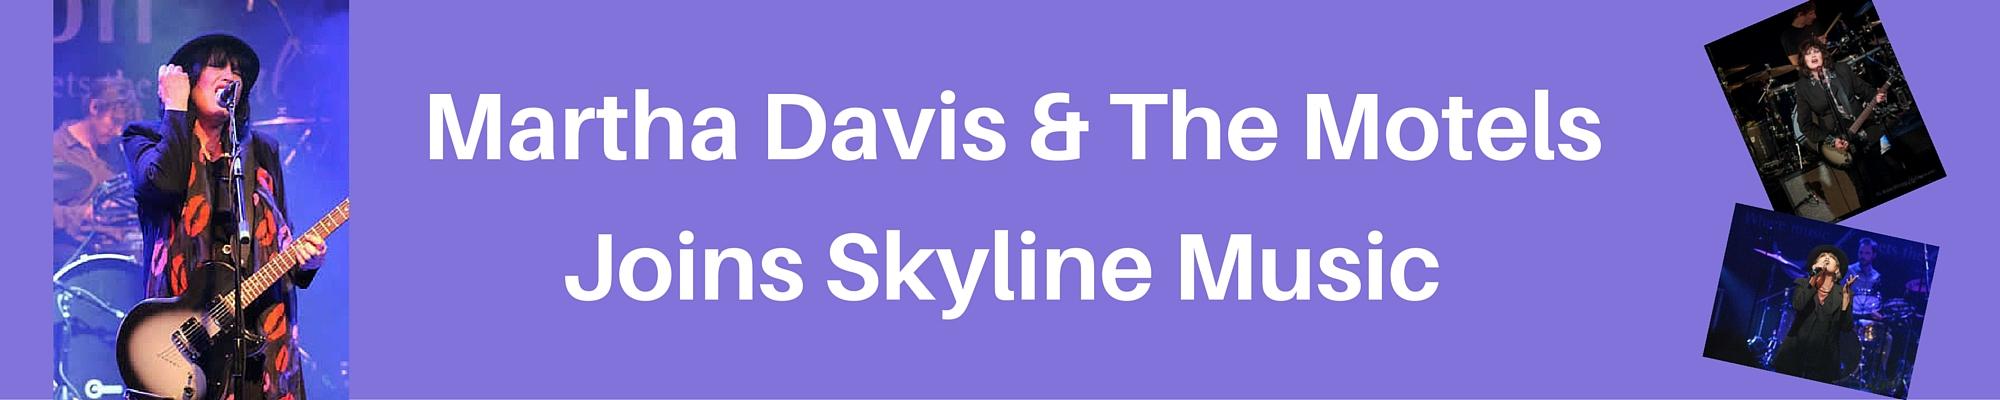 Web Banner-MD-Motels4